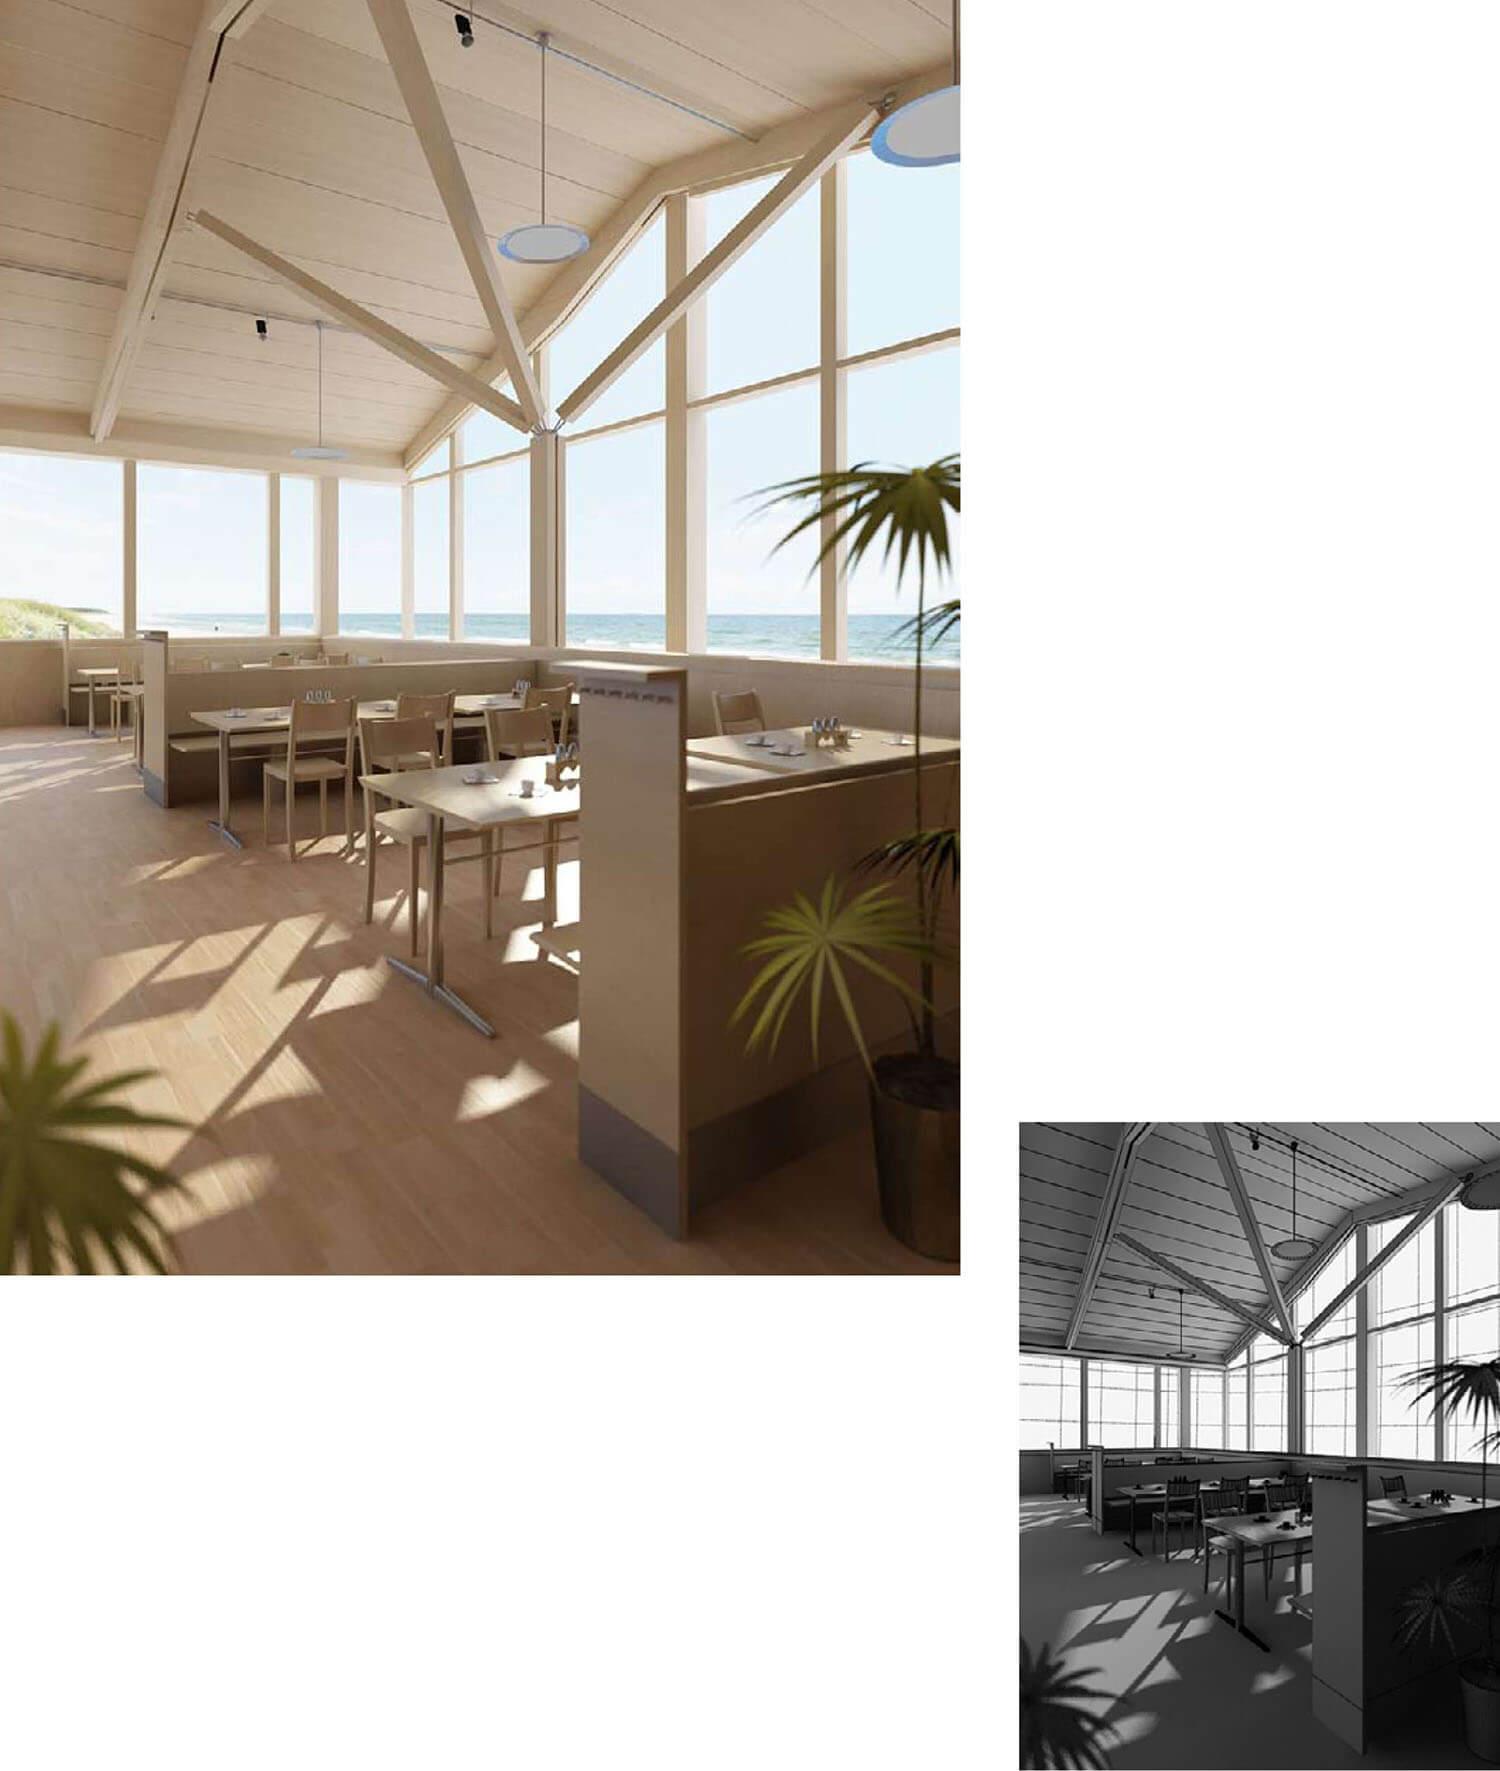 Mẫu quán cafe sử dụng gỗ có tầm nhìn mở thích hợp với không gian rộng